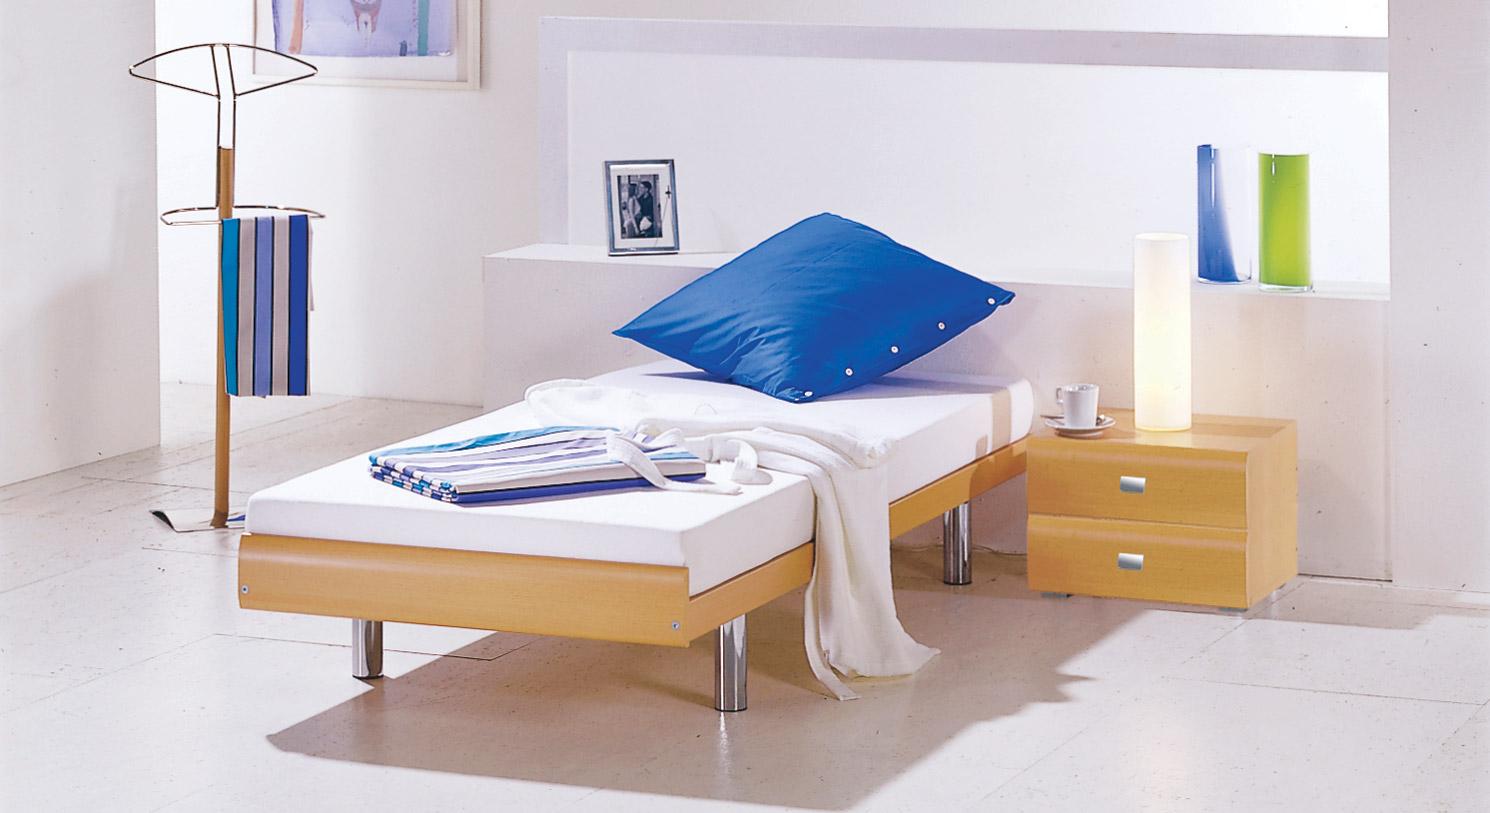 Full Size of Das Einzelbett In 90200 Cm Gre Als Gstebett Bett Bilbao Landhaus King Size Gebrauchte Betten Prinzessinen Weiß 100x200 180x200 Chesterfield Boxspring Bett Bett Einzelbett